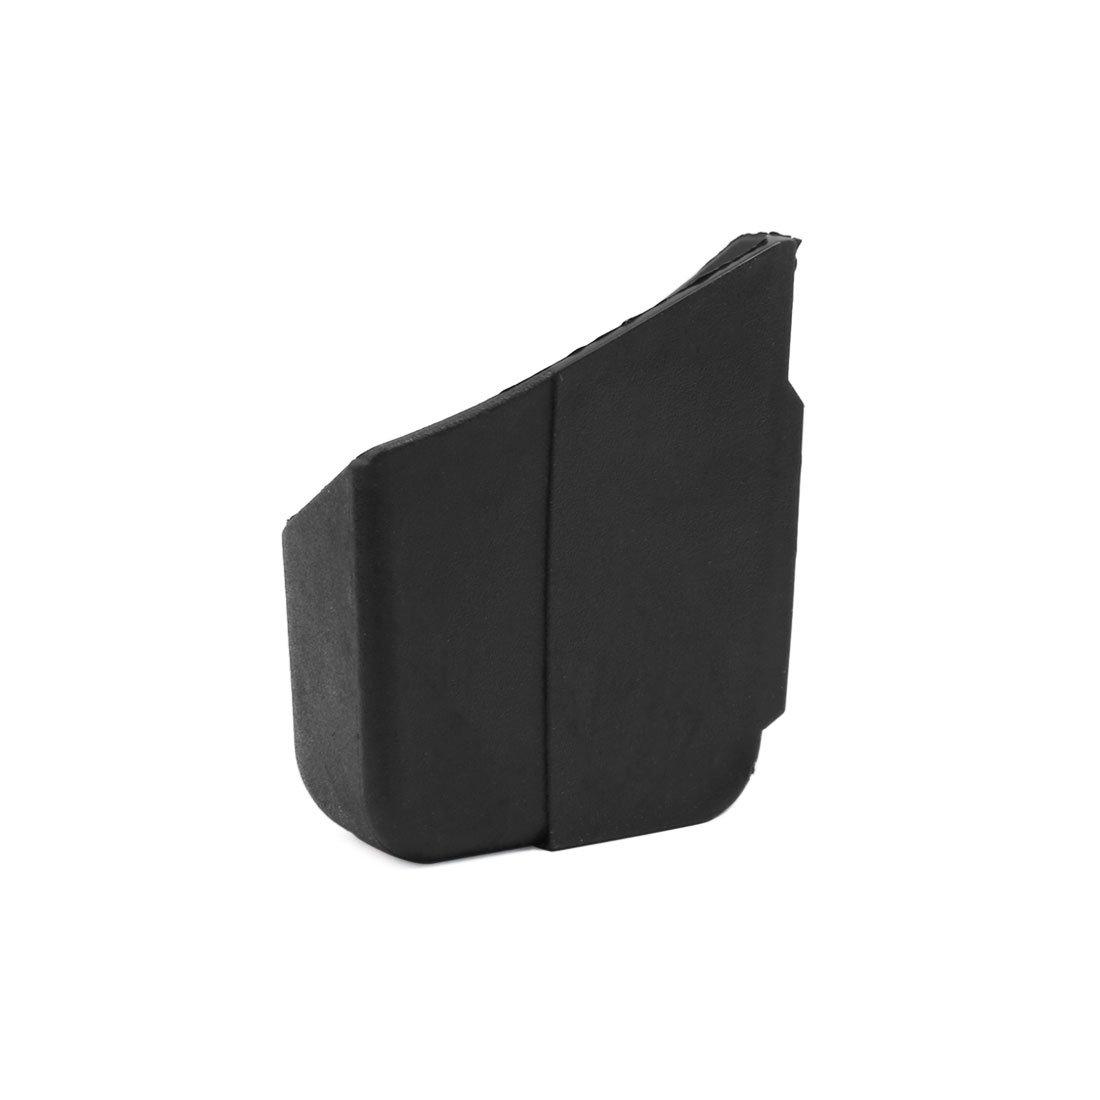 Universale Sourcingmap-Supporto da Auto Confezione da 2 Pezzi Colore: Nero in Sacchetto Porta Cellulare